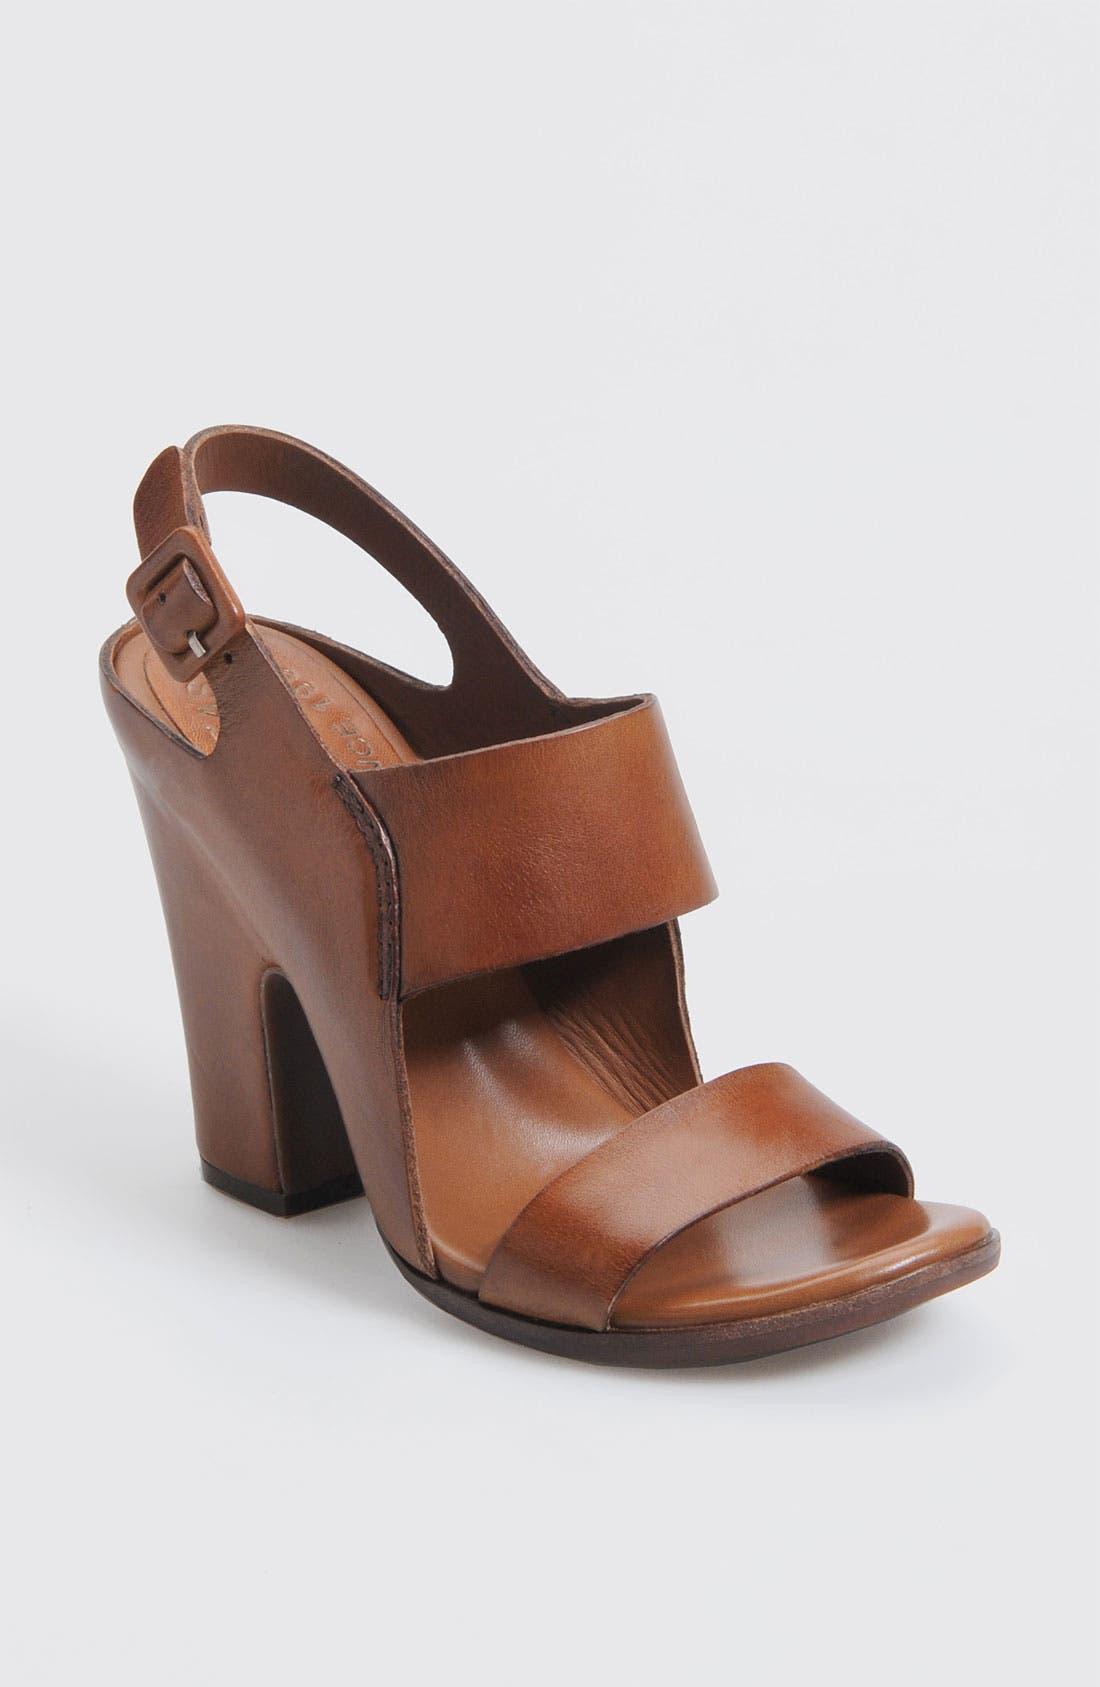 Alternate Image 1 Selected - Kork-Ease 'Sloane' Sandal